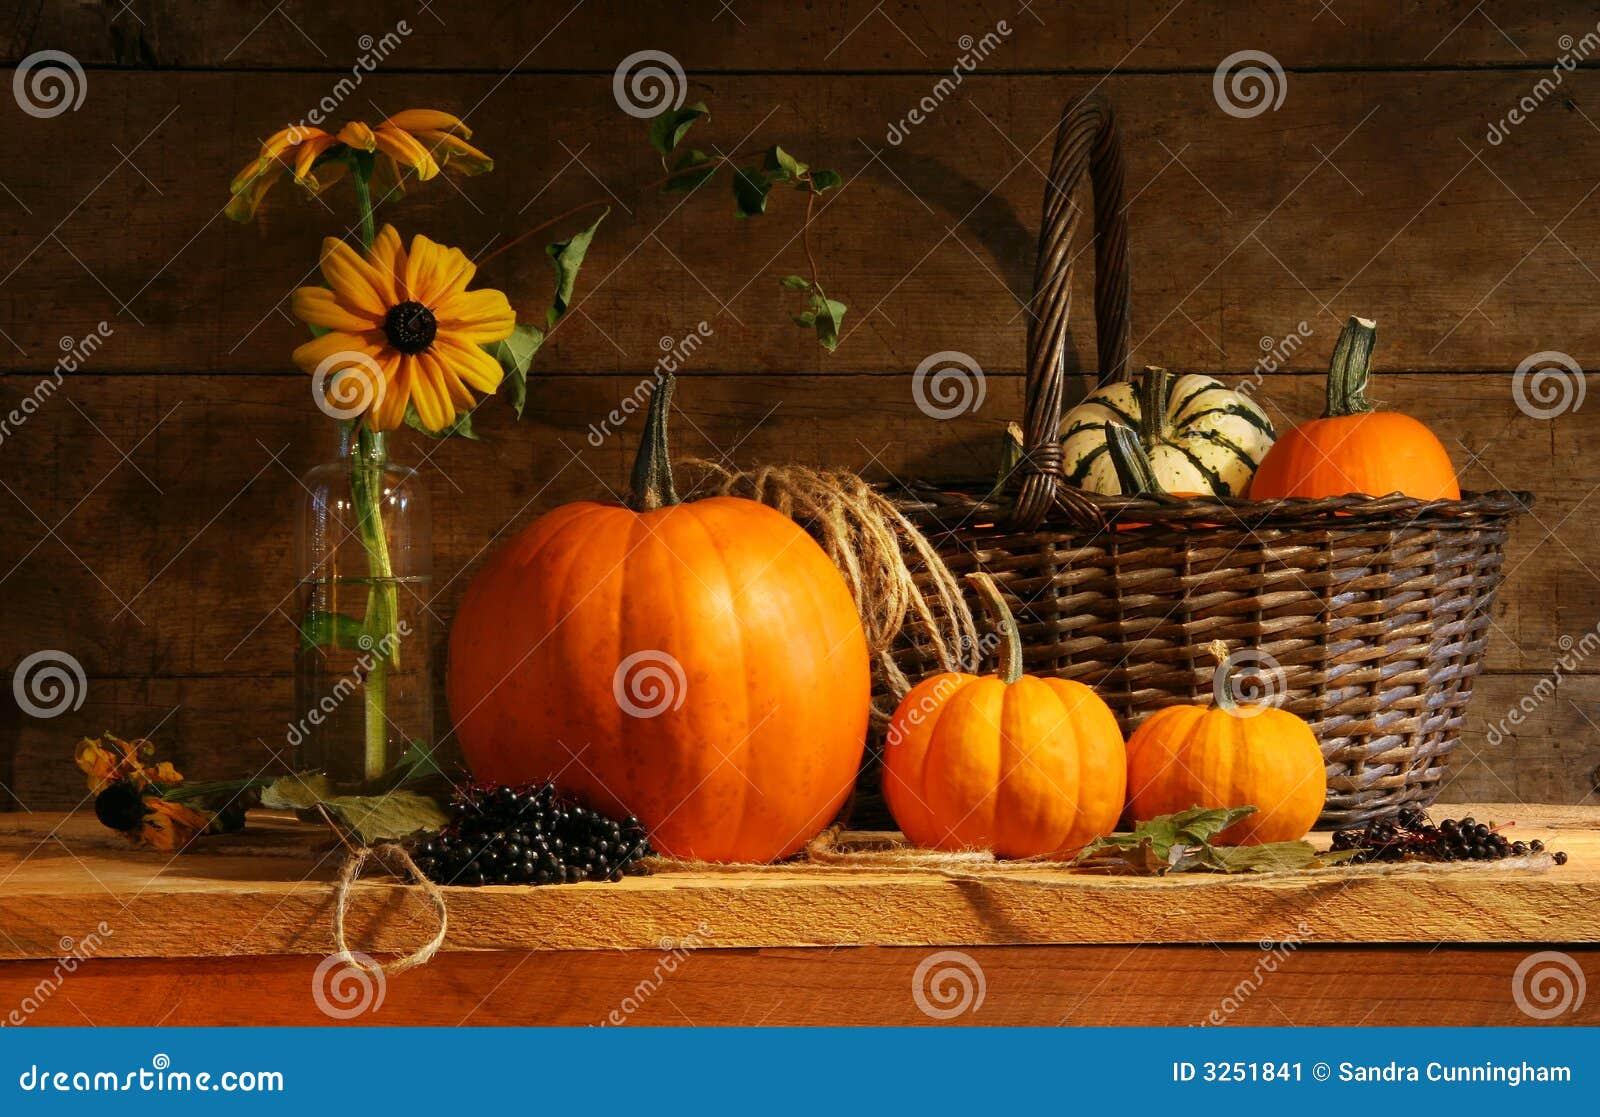 Todavía del otoño vida